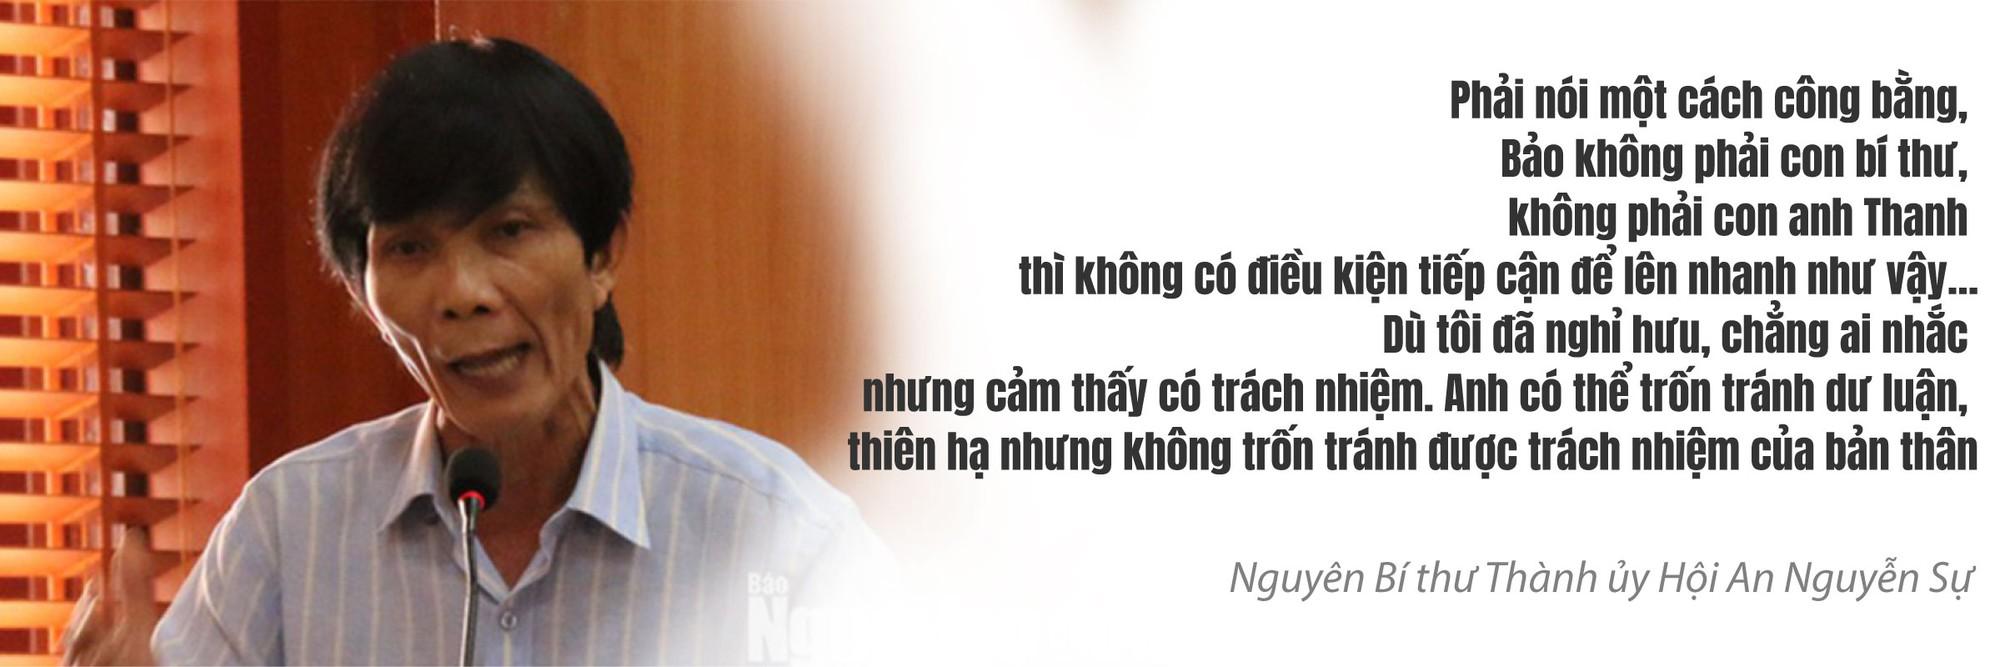 (eMagazine) - Bổ nhiệm con quan và những sai phạm của lãnh đạo tỉnh Quảng Nam - Ảnh 15.